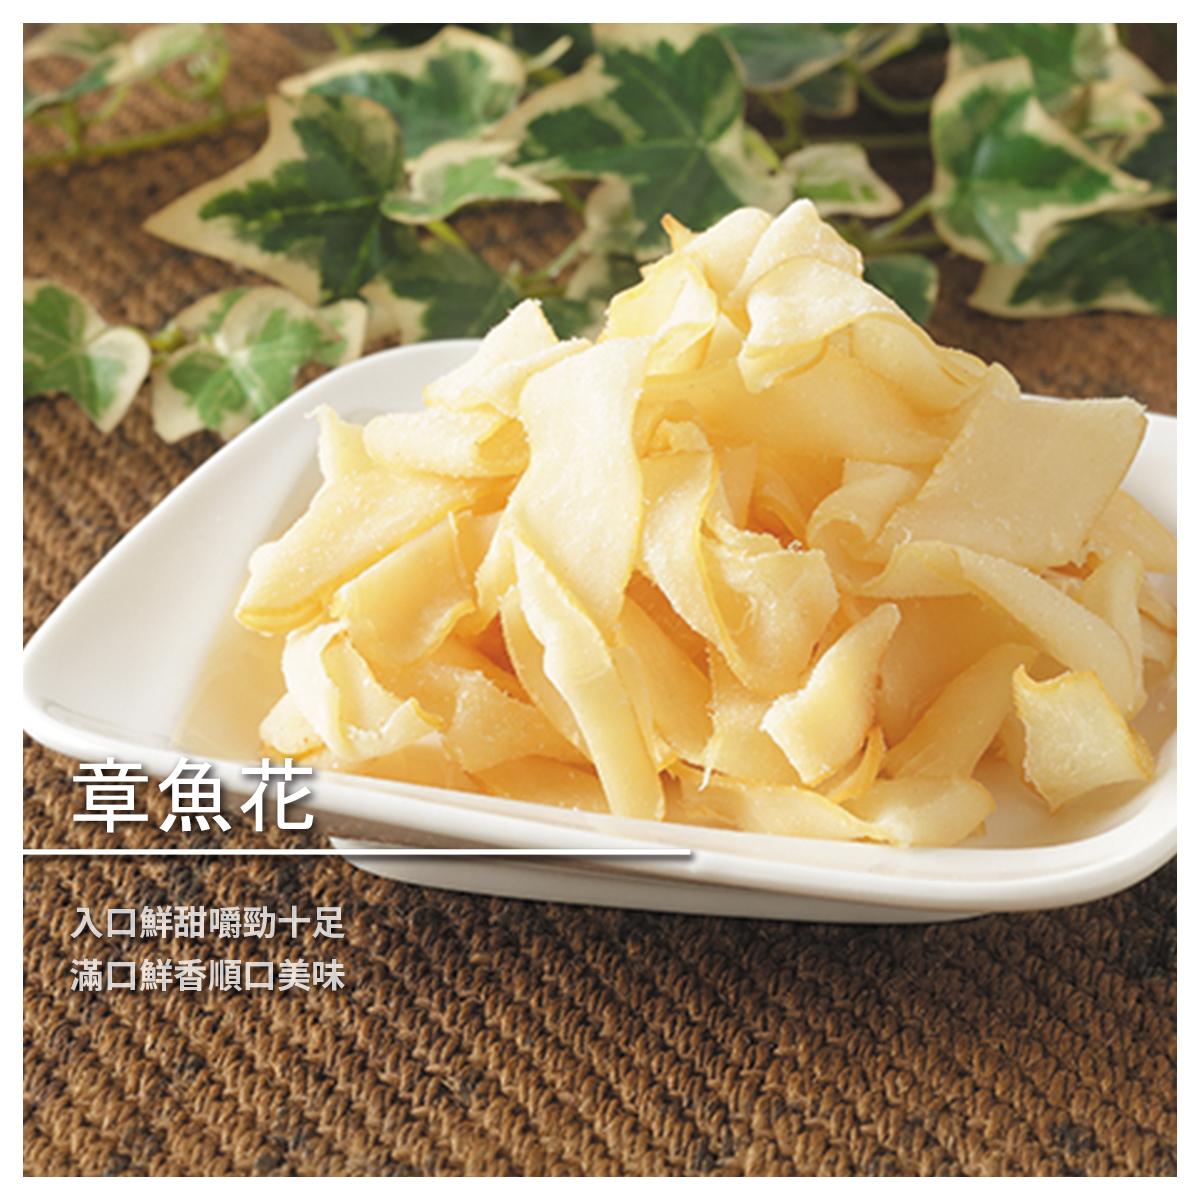 【合口味肉品】即食海鮮 - 章魚花/3包